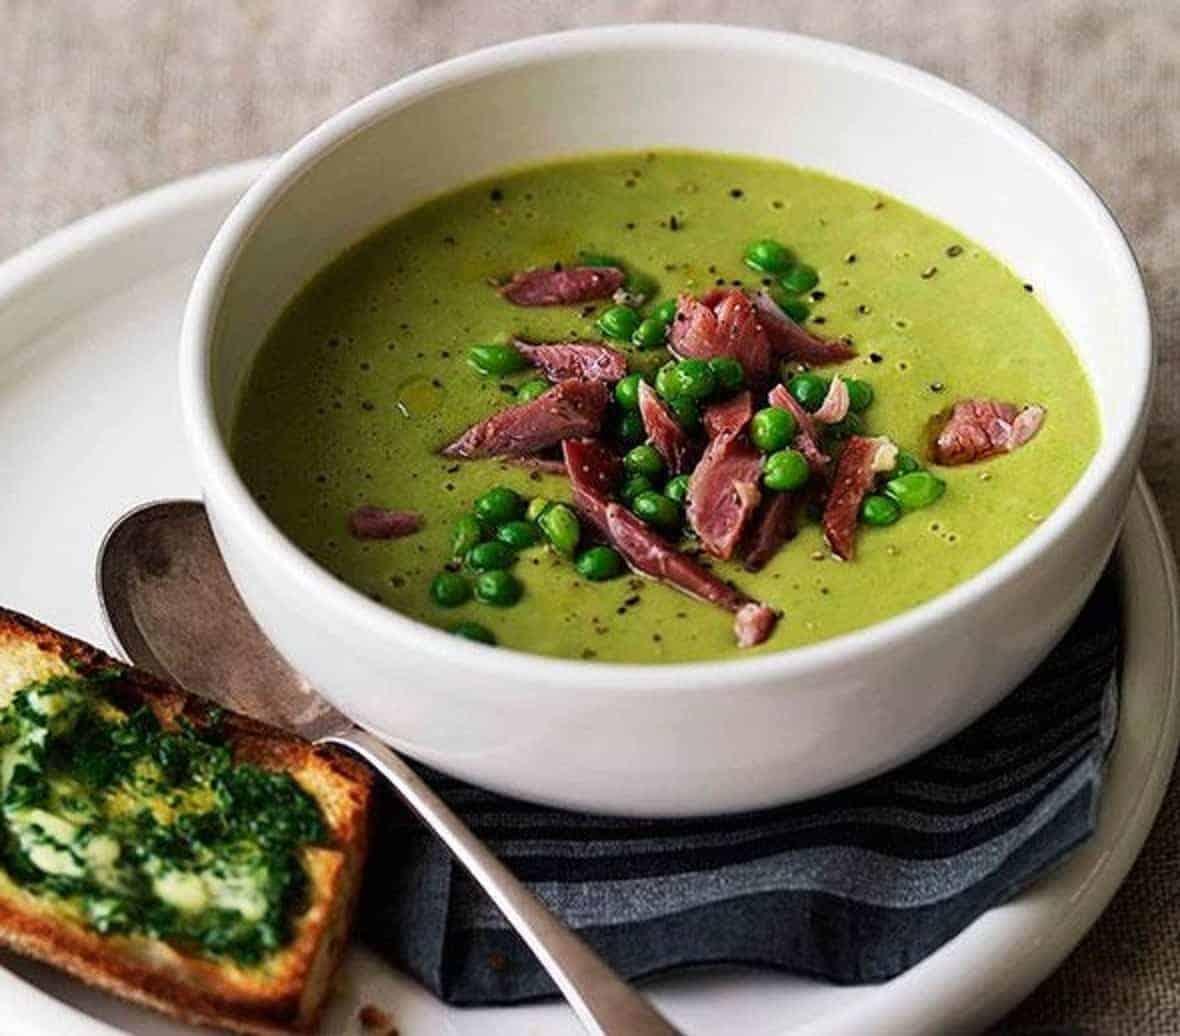 Gourmet Suppe für 8 Personen zaubern! Genial